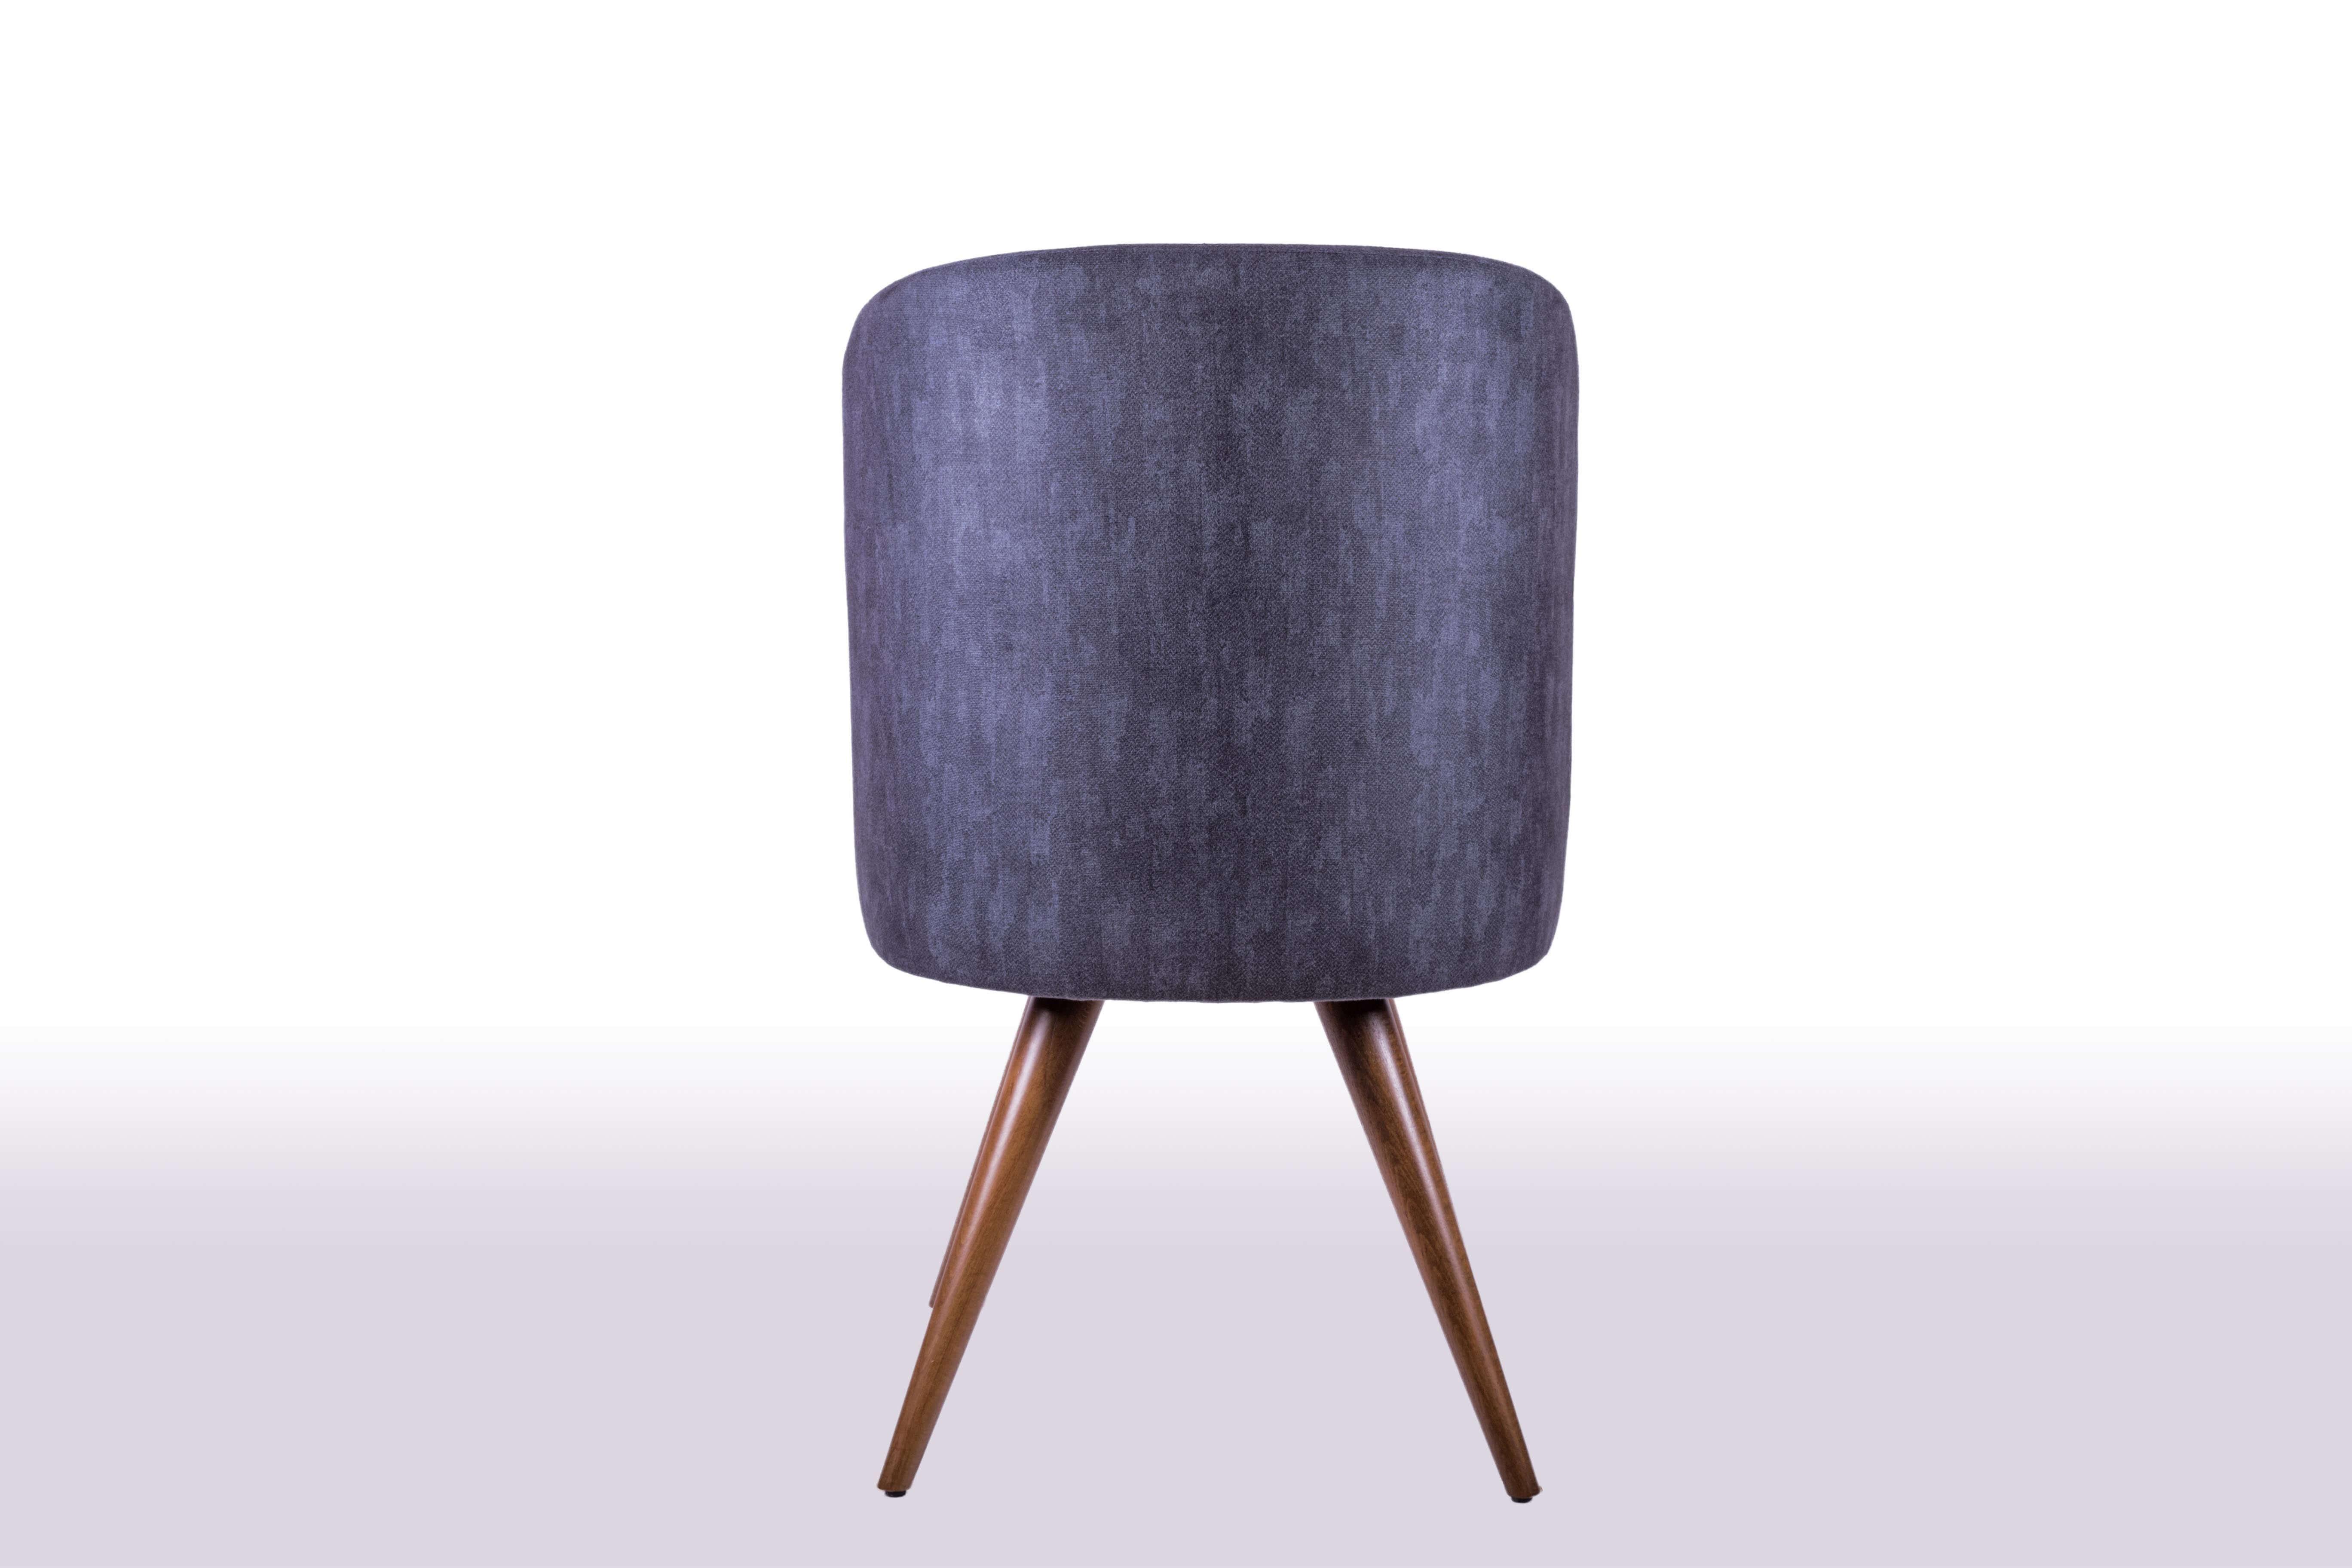 Beta Sandalye Modeli Arka Görünüm